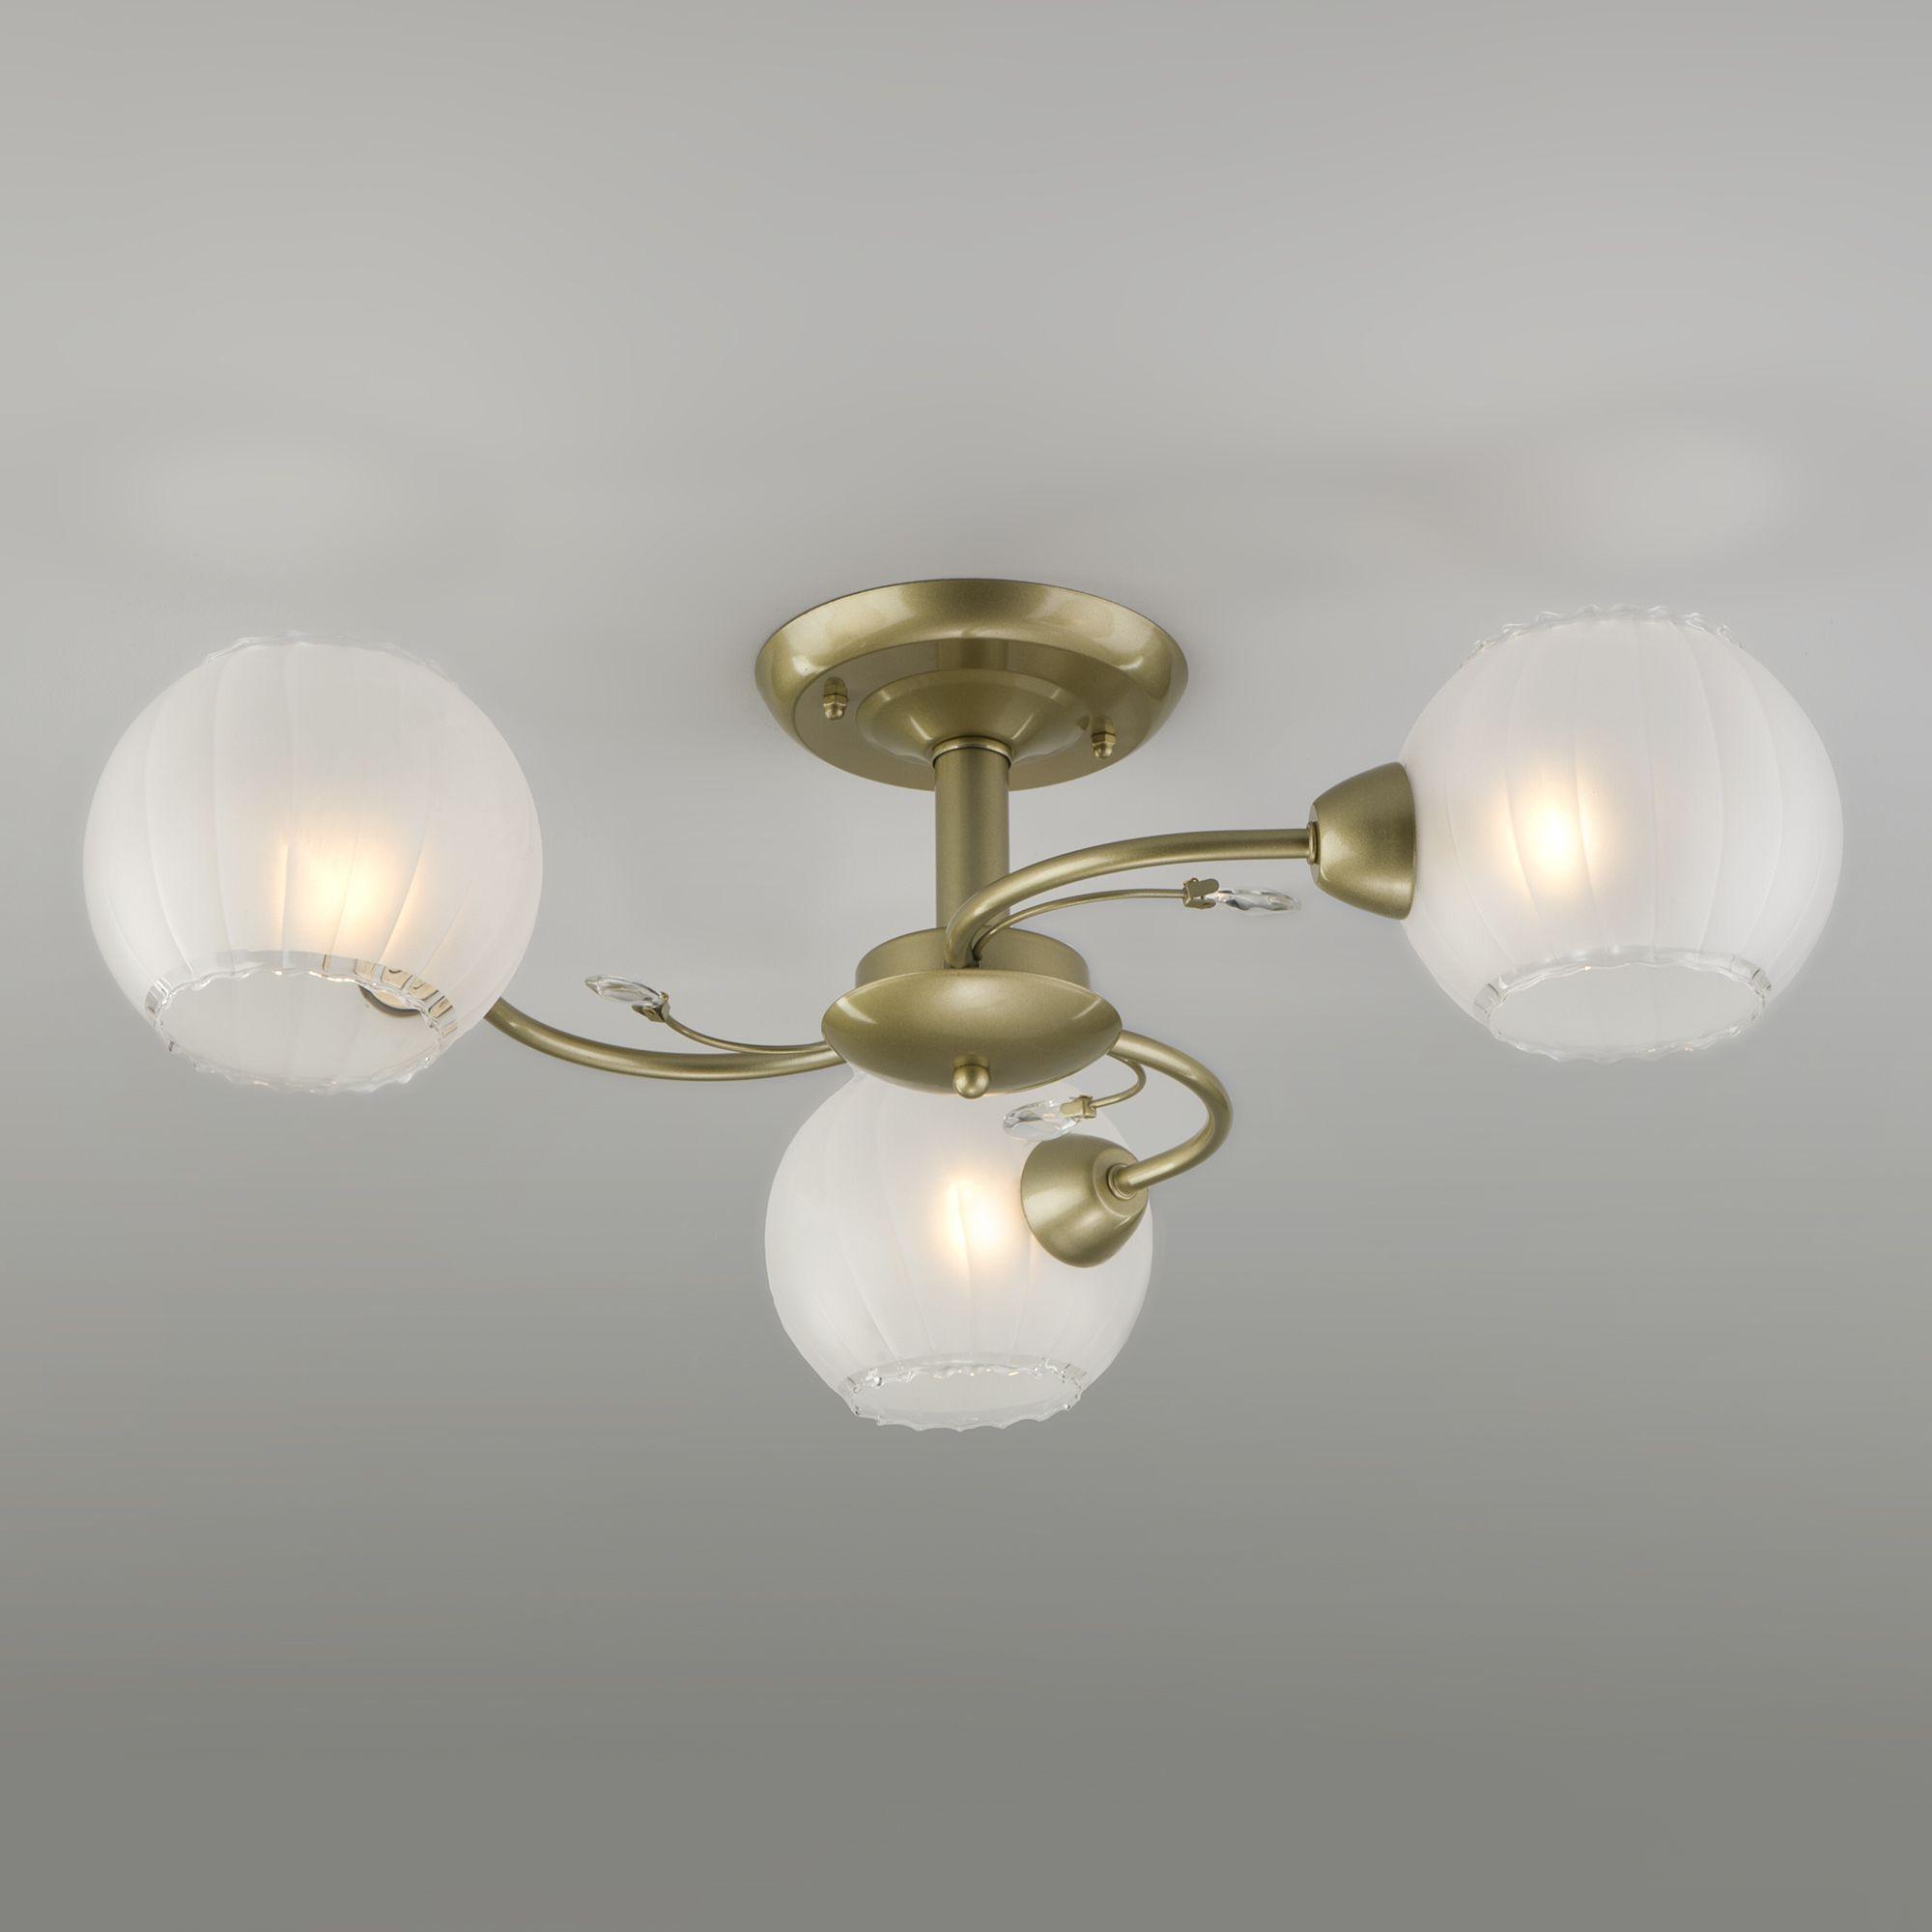 Потолочная люстра со стеклянными плафонами 30146/3 перламутровое золото